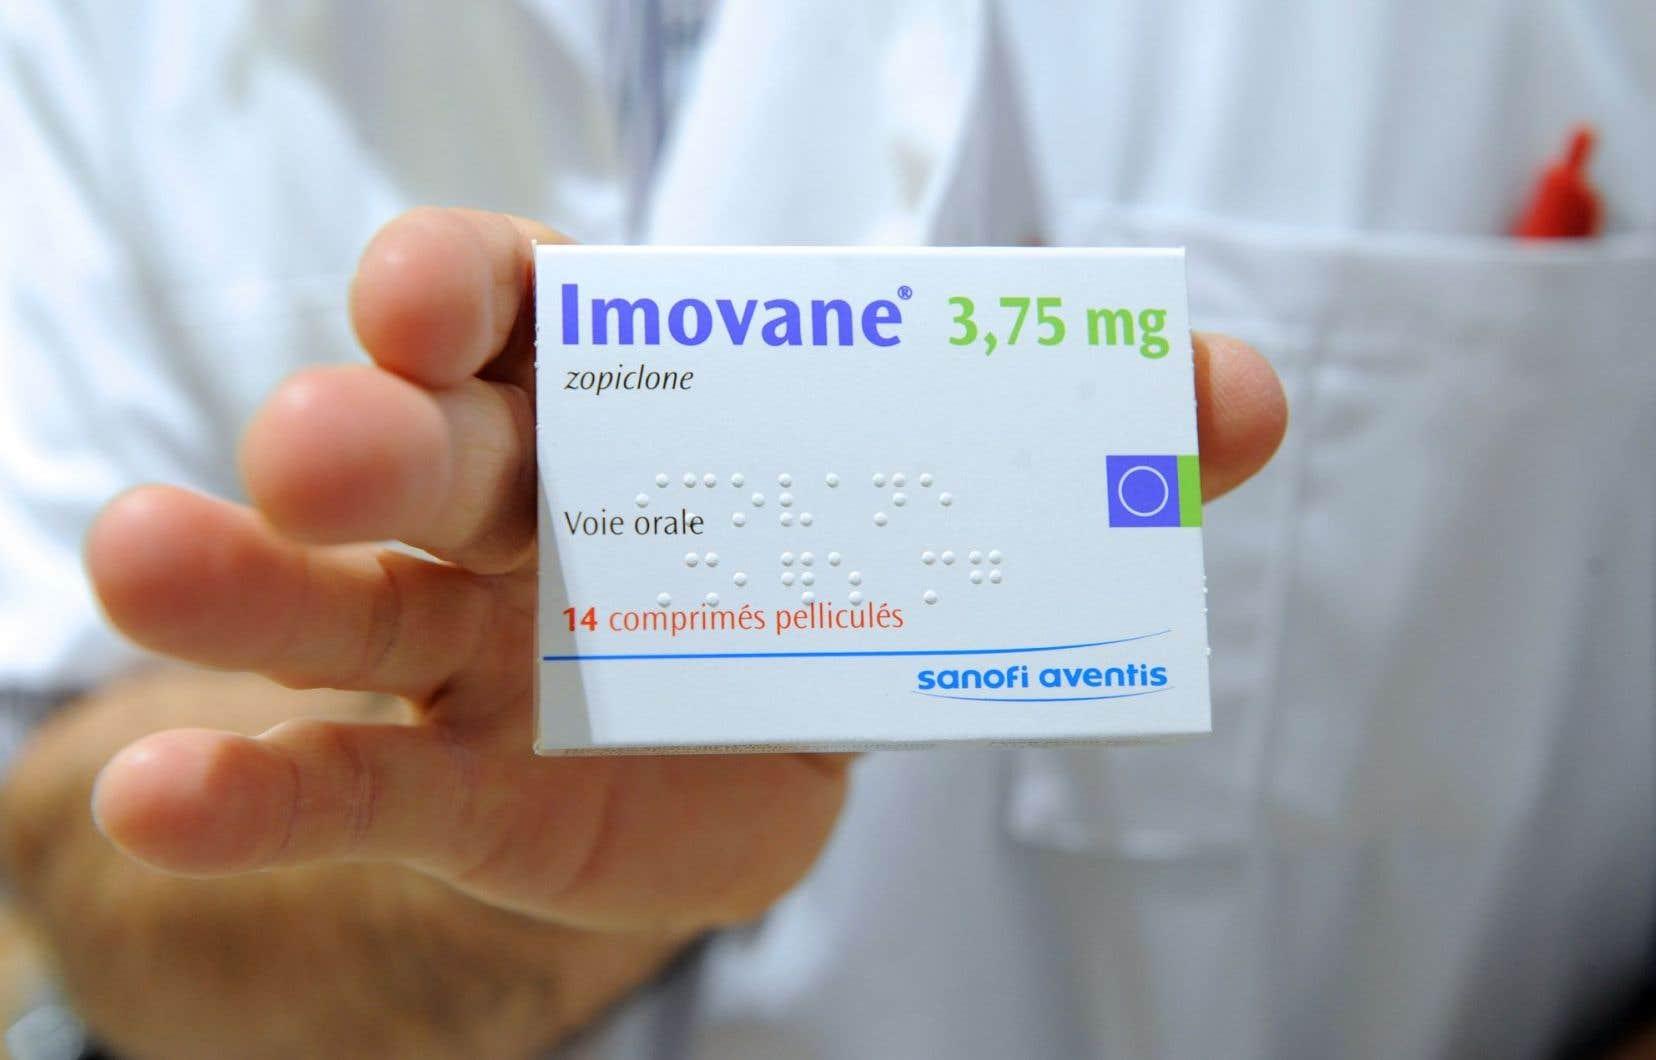 «Imovane» est le nom commercial du zopiclone, unsédatif hypnotique.